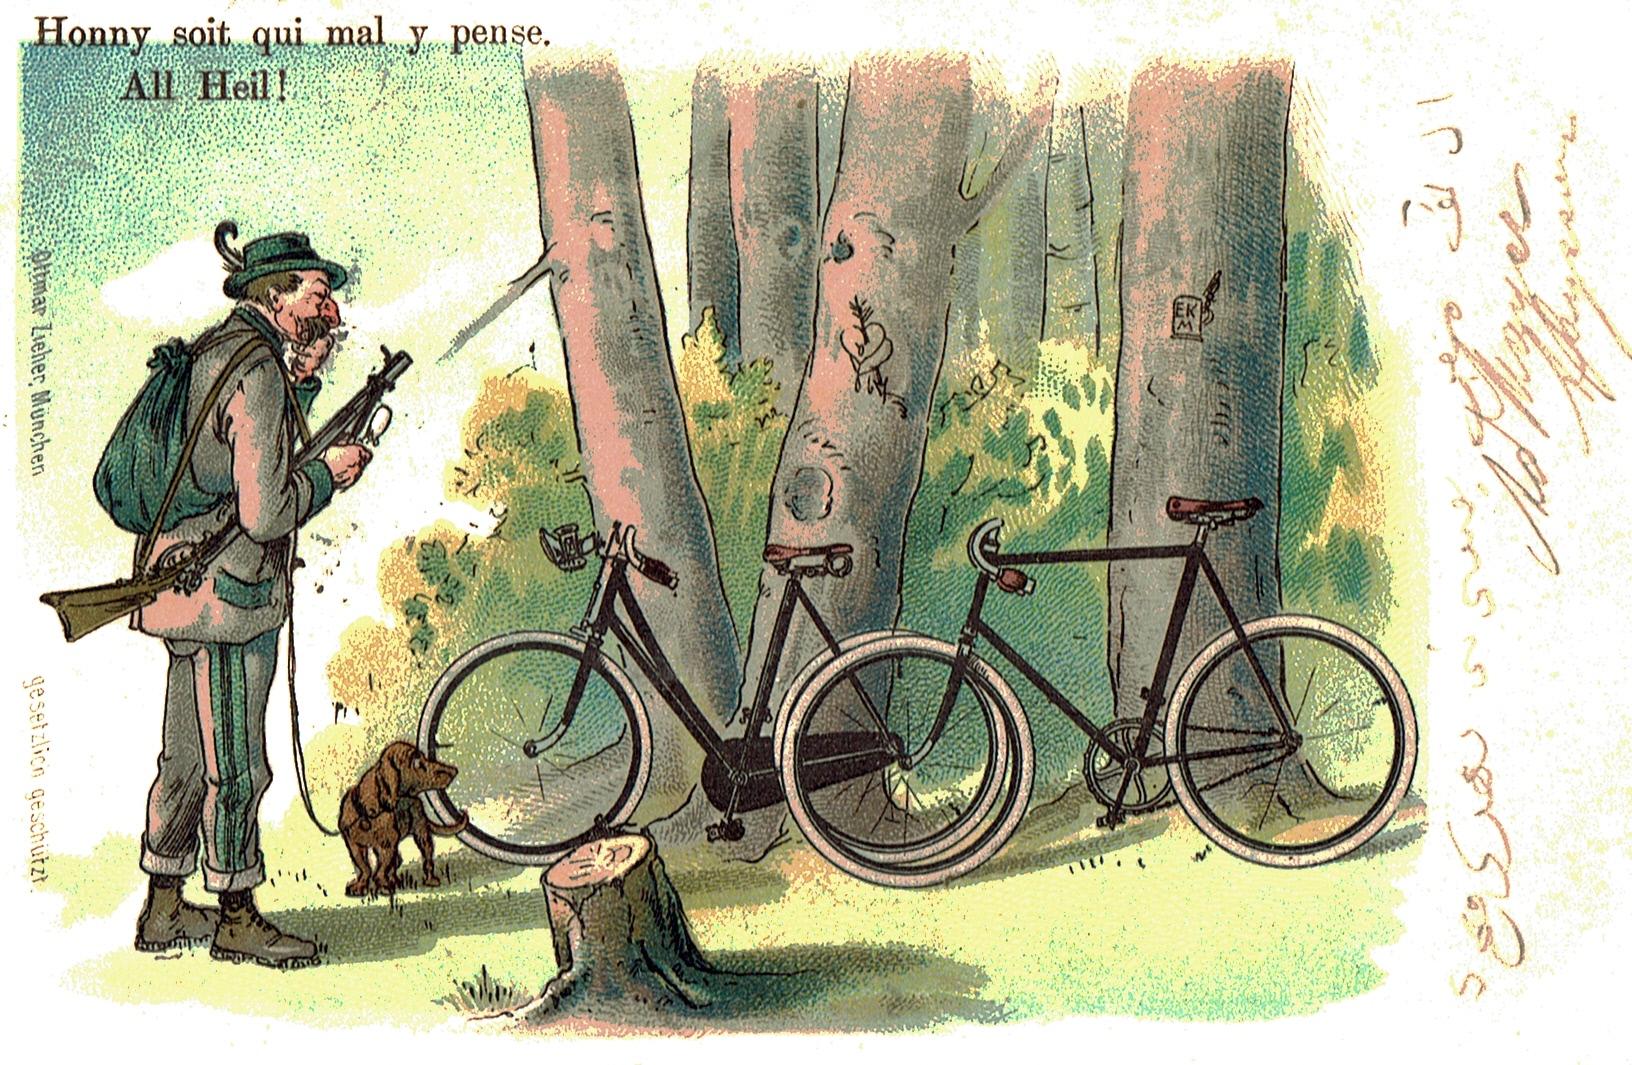 Ein Jäger, der am Waldrand ratlos vor einem Damen- und einem Herrenrad steht: Honni soit, qui mal y pense